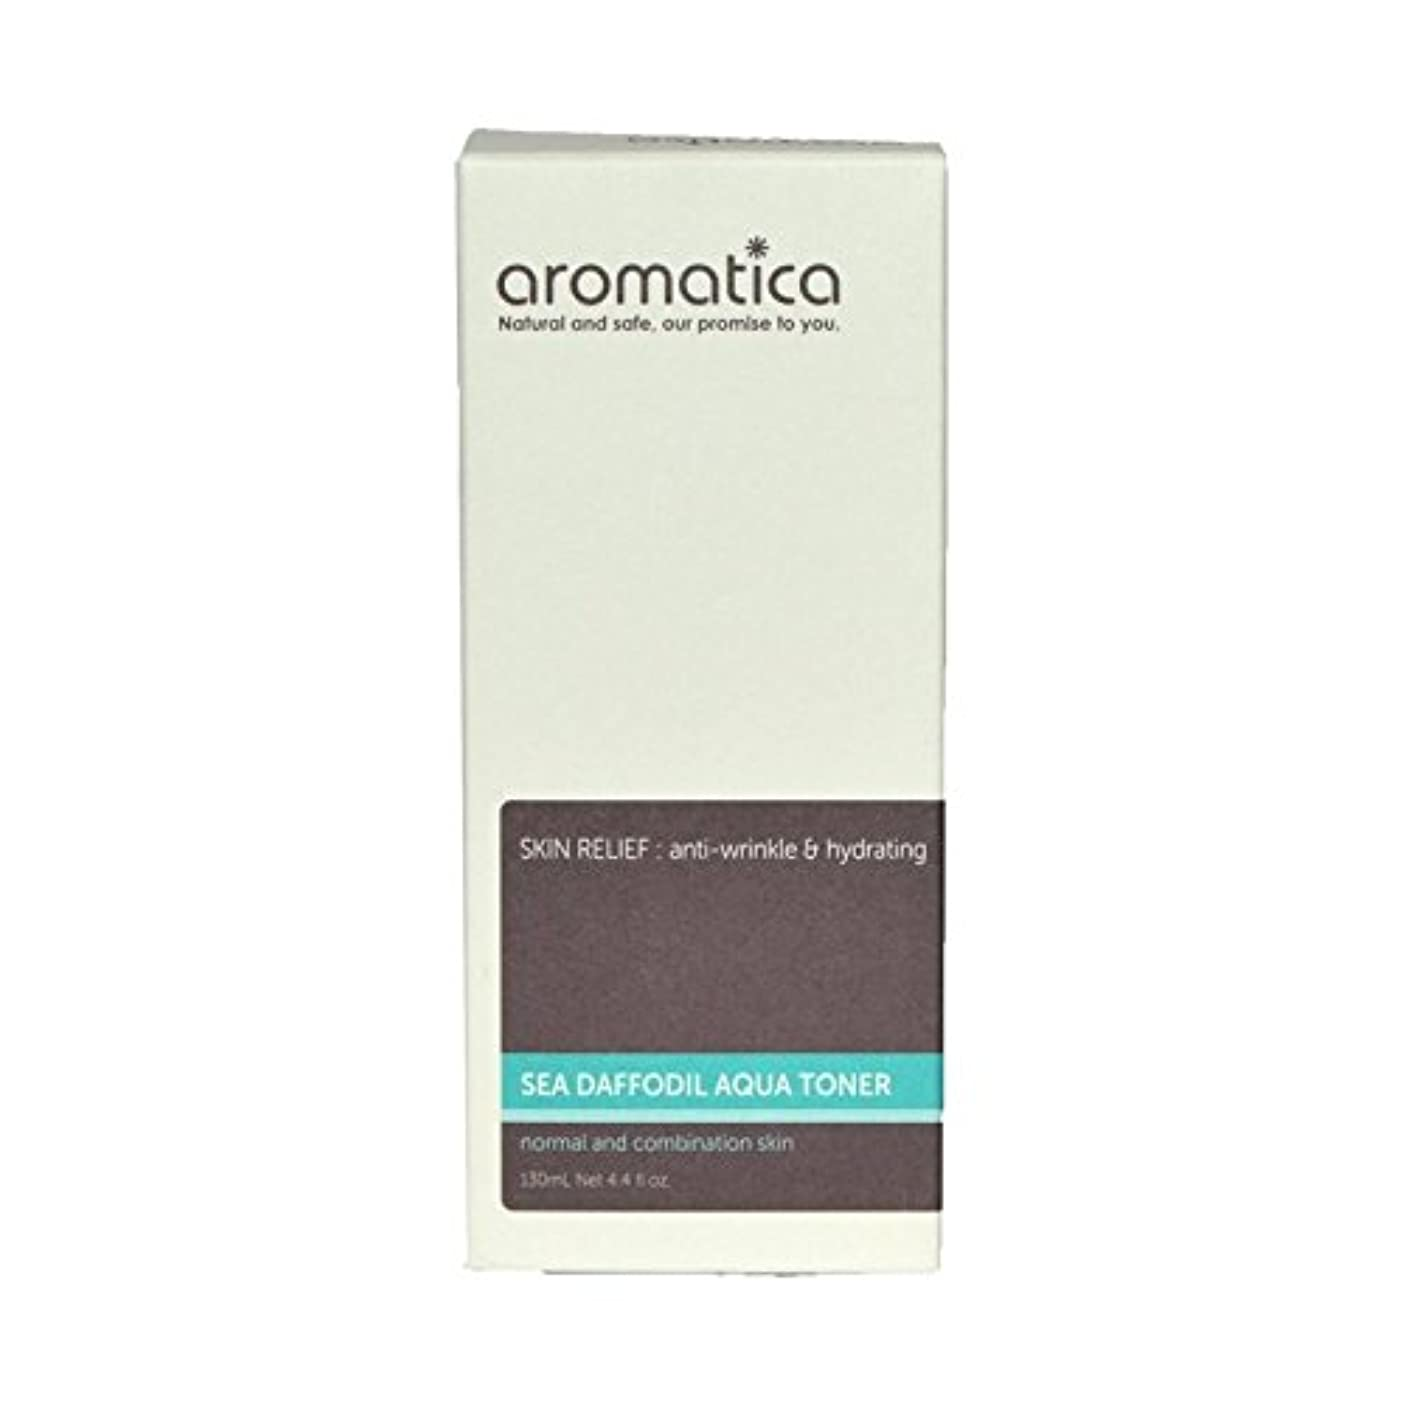 遅れアナログバイオリン海スイセンアクアトナー130ミリリットル x4 - aromatica Sea Daffodil Aqua Toner 130ml (Pack of 4) [並行輸入品]